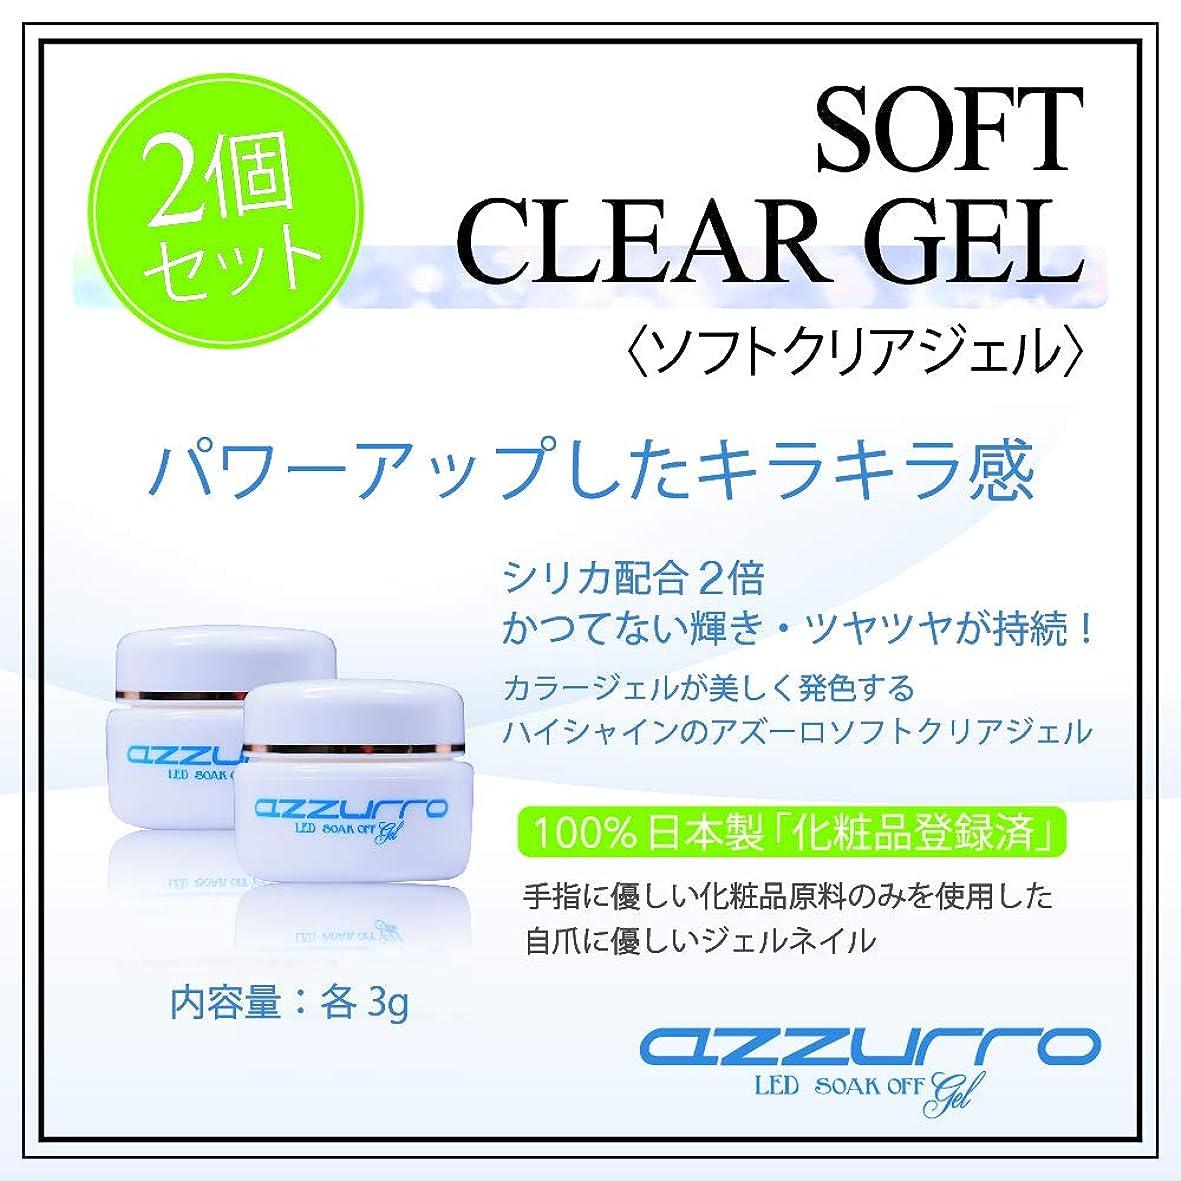 ショップ避難羊飼いazzurro gel アッズーロ ソフトクリアージェル お得な2個セット ツヤツヤ キラキラ感持続 抜群のツヤ 爪に優しい日本製 3g